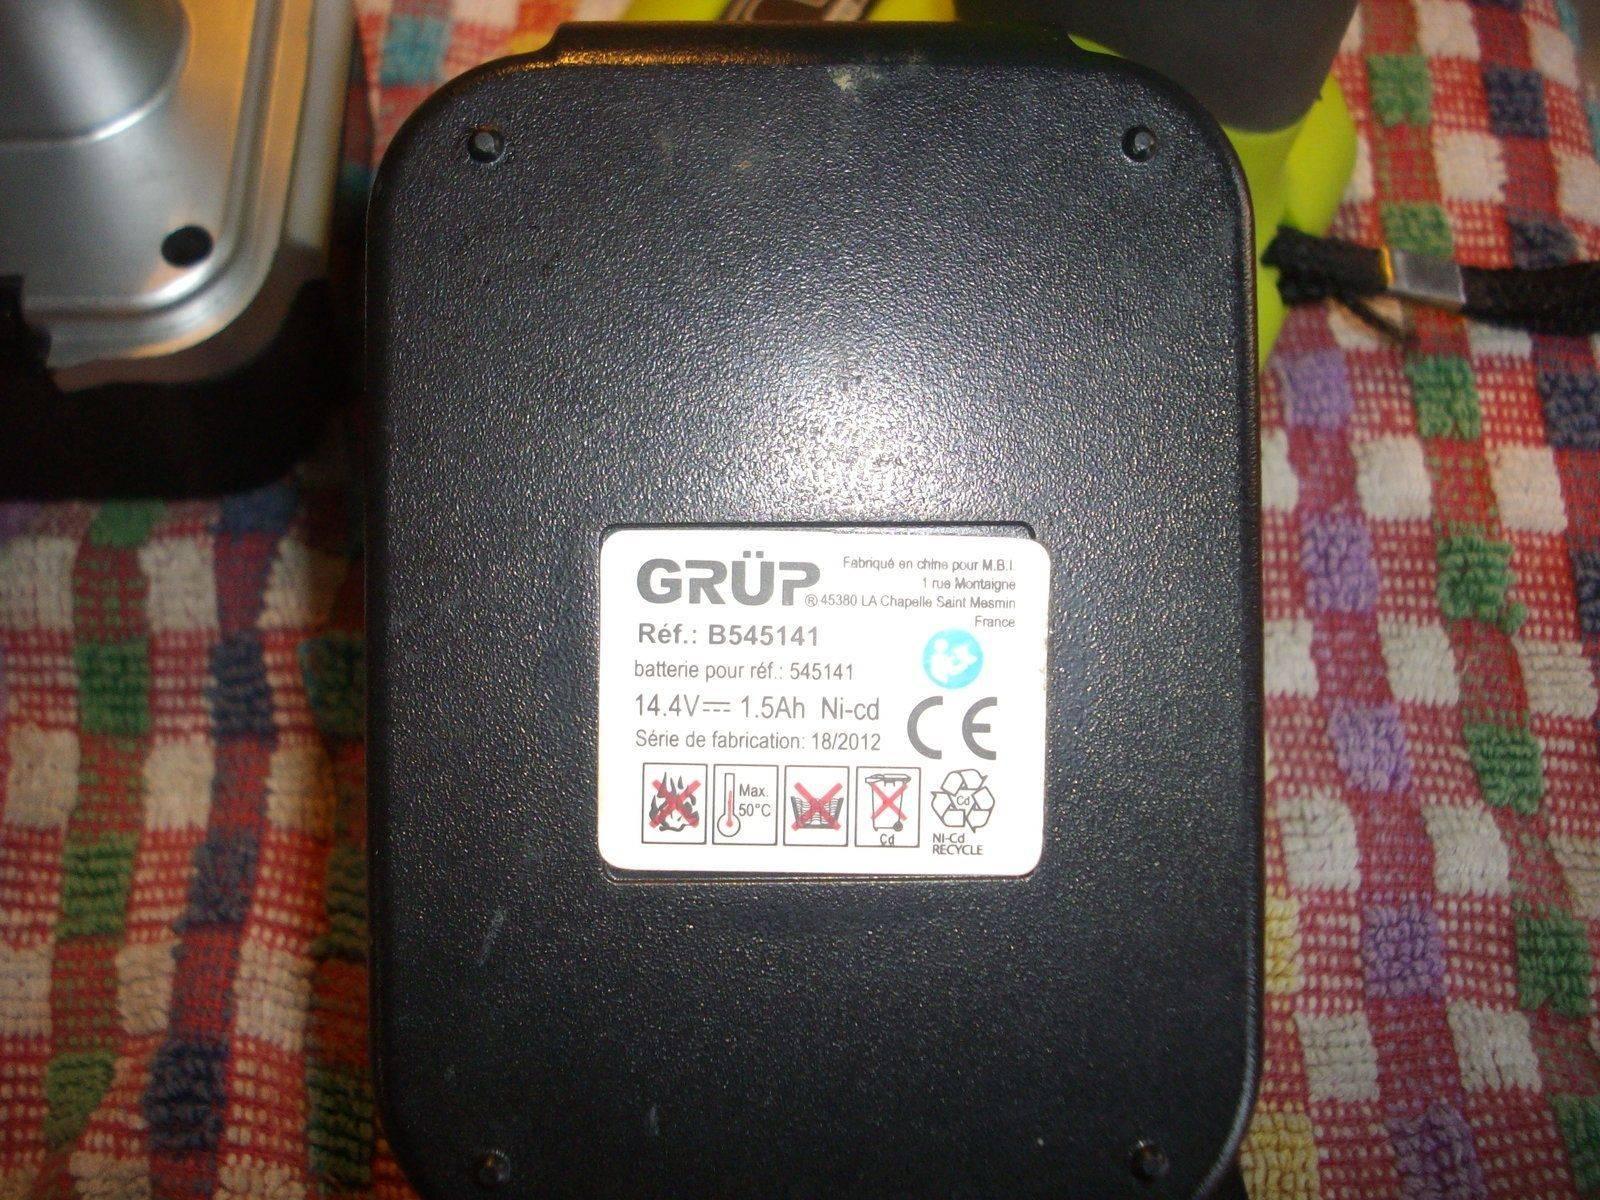 IMGP6499.JPG